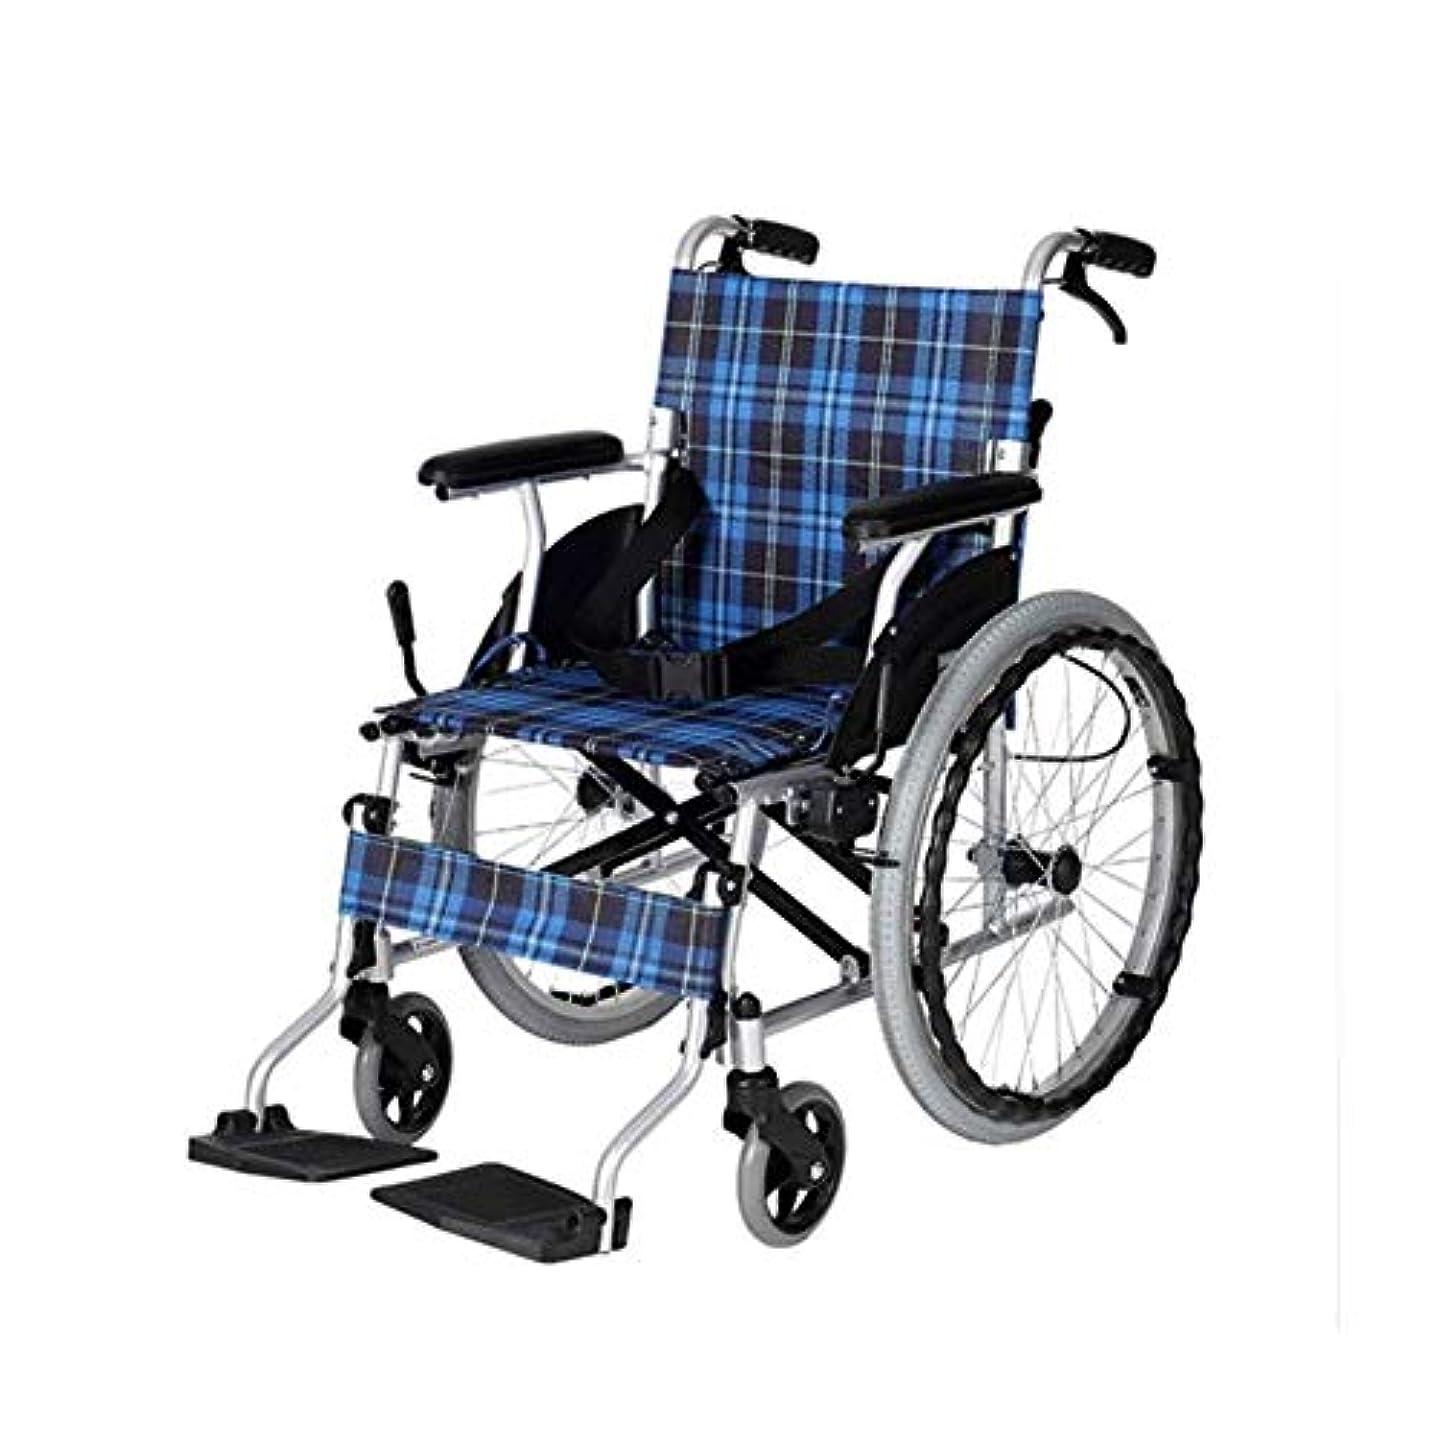 デラックス自走式アルミニウム車椅子、軽量で折り畳み可能なフレームのビッグホイール、ハンドプッシュリング、フロントおよびリアブレーキコントロールチェア付き